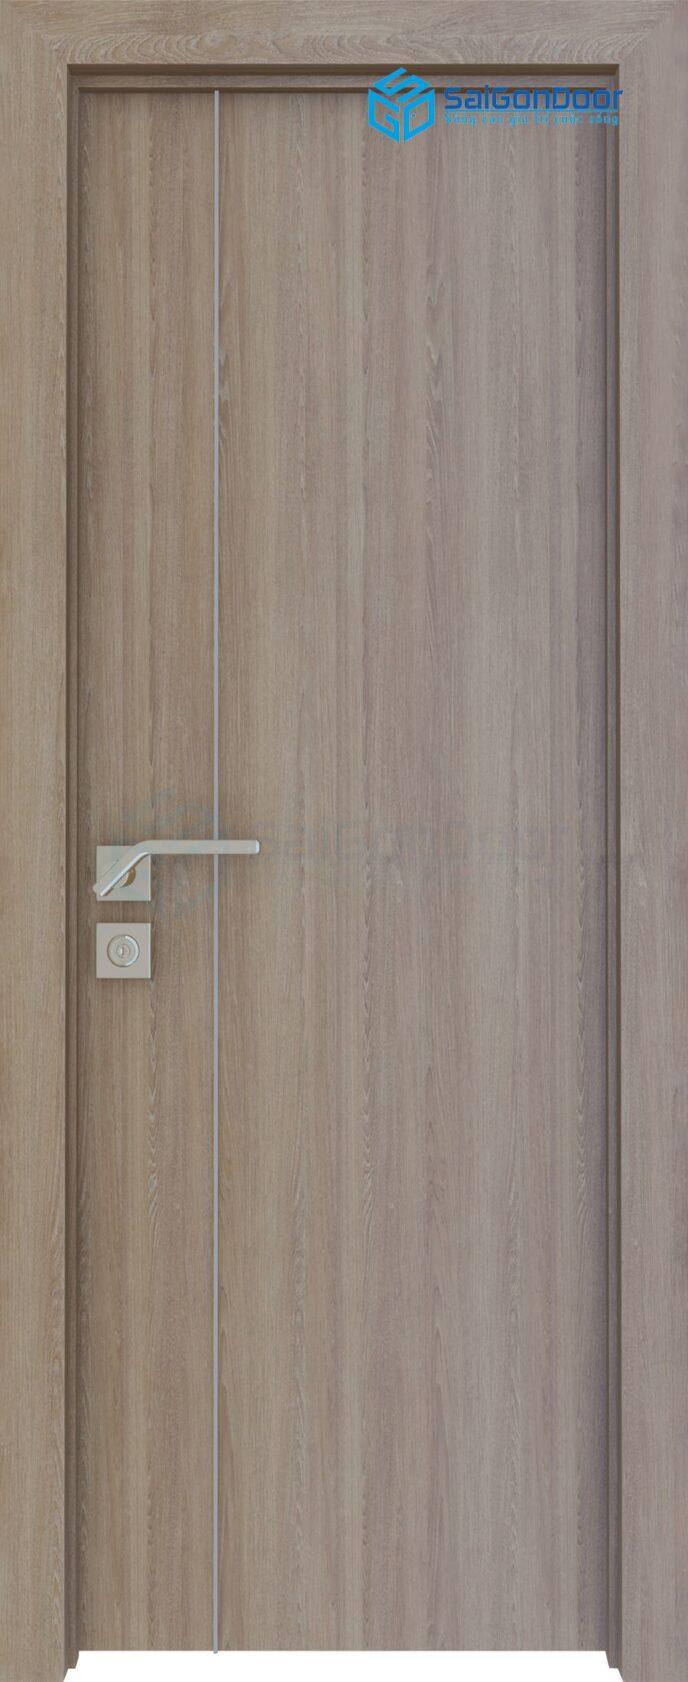 Cửa gỗ cao cấp MDF P1R1